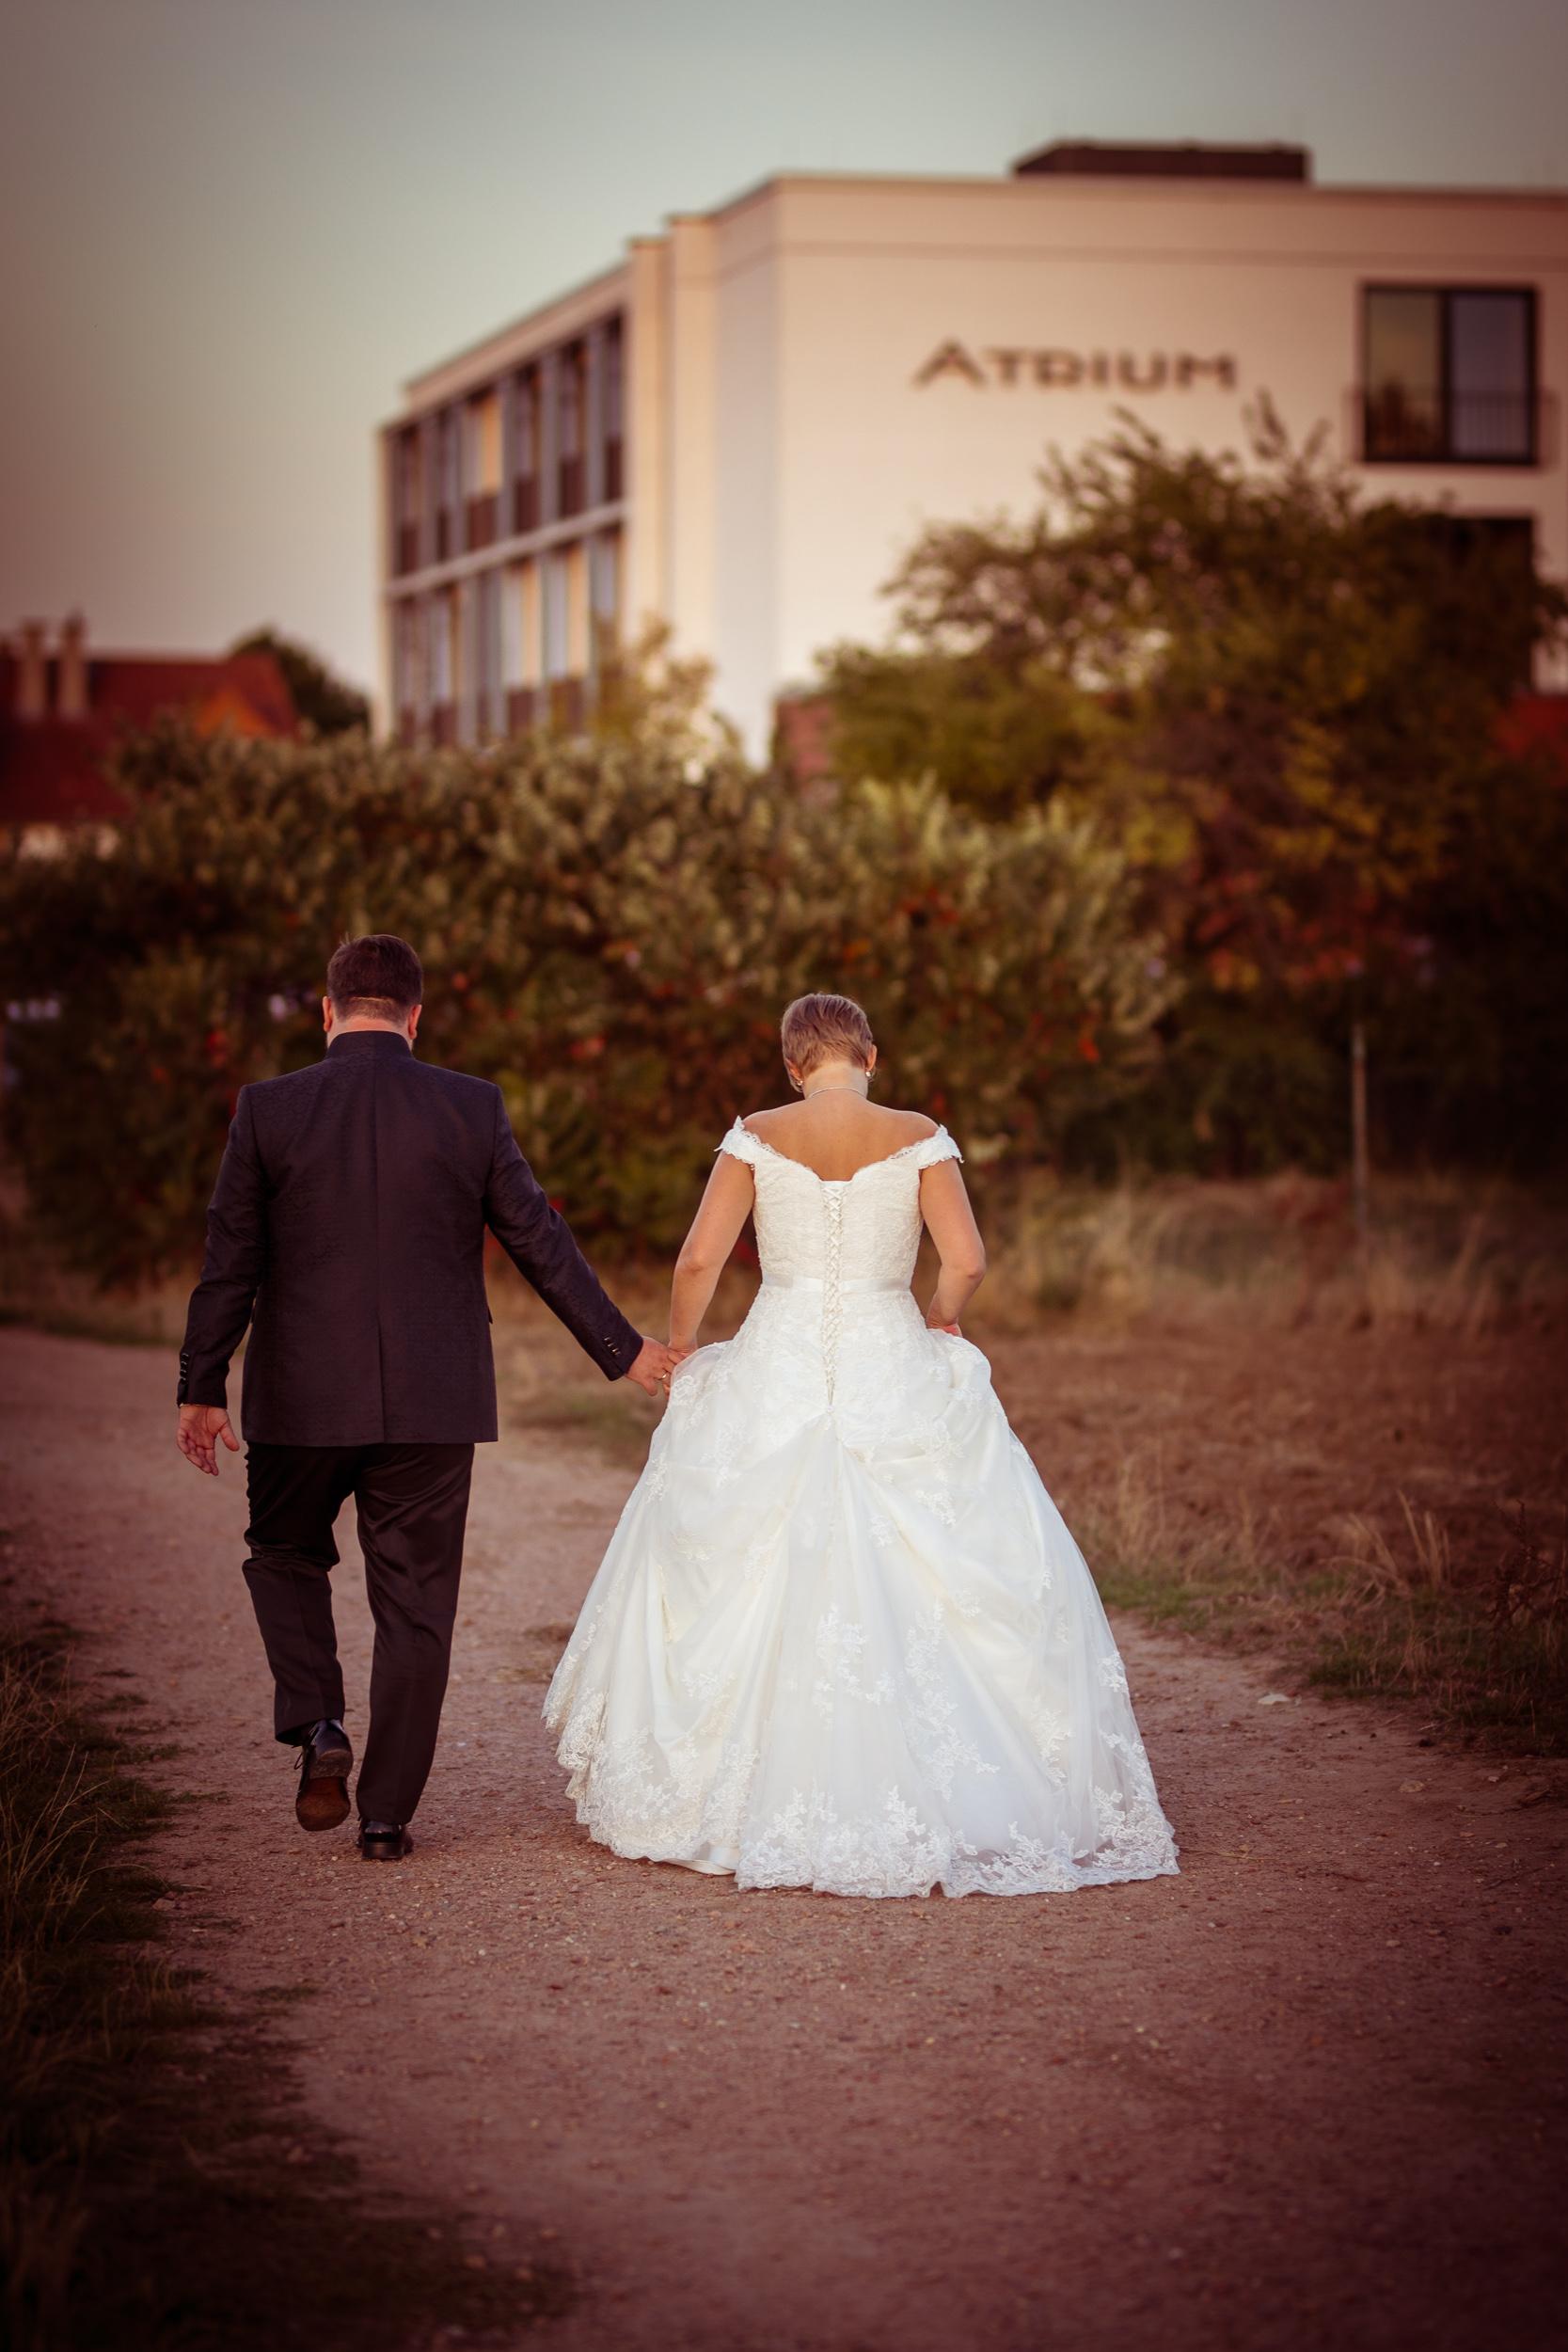 Hochzeitspaar auf Schotterweg vor Atrium Hotel Mainz